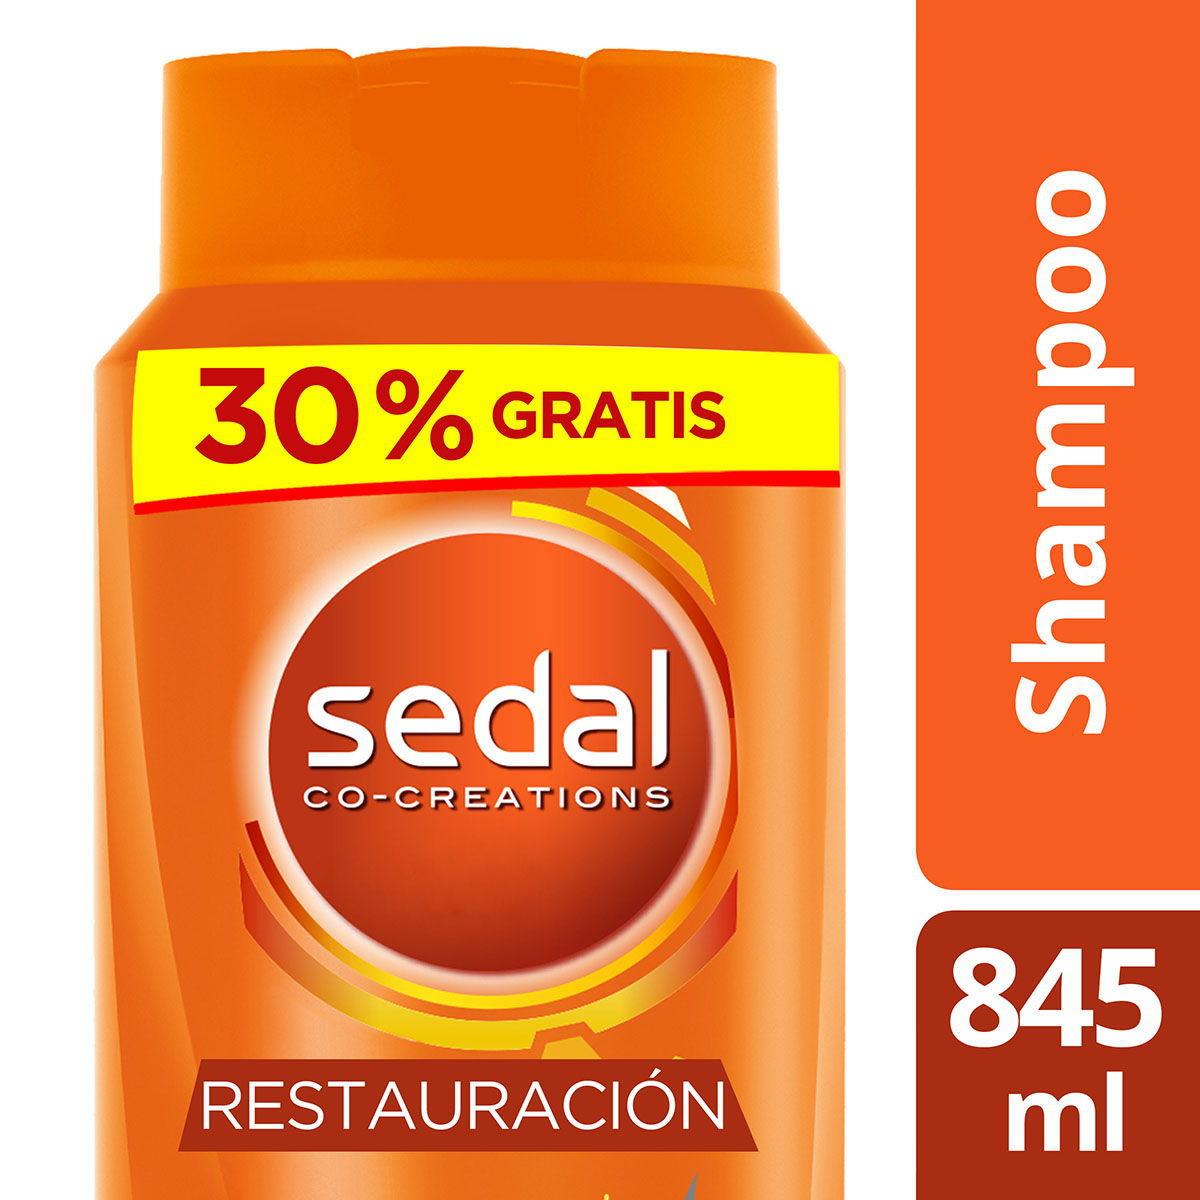 Chedraui: Shampoo Sedal Restauracion Instantanea 845 ml